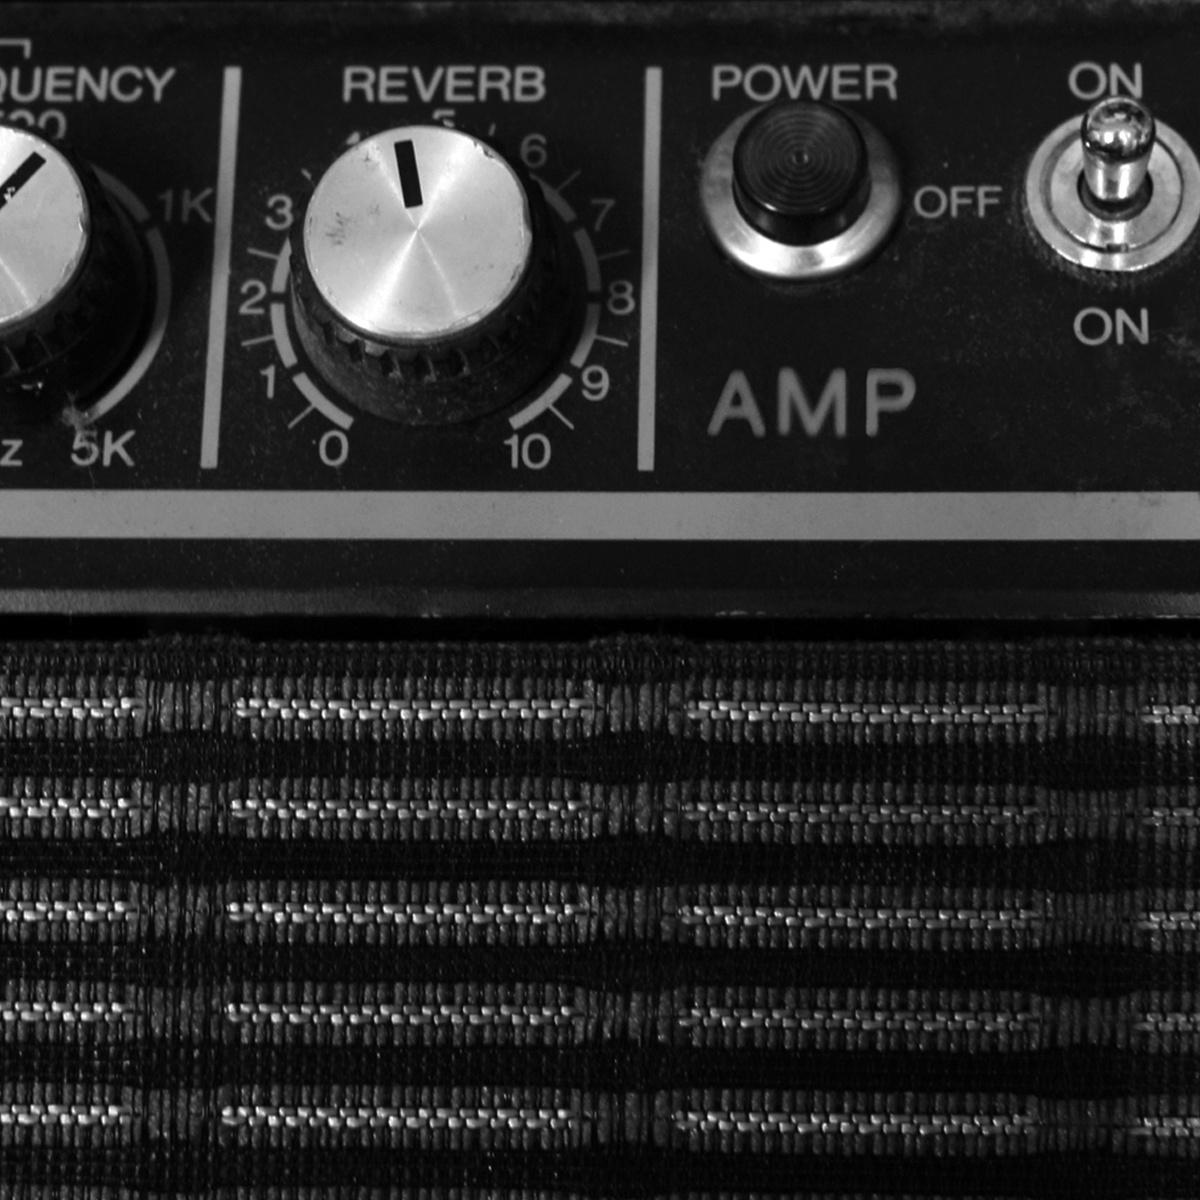 AMP - Self-Titled